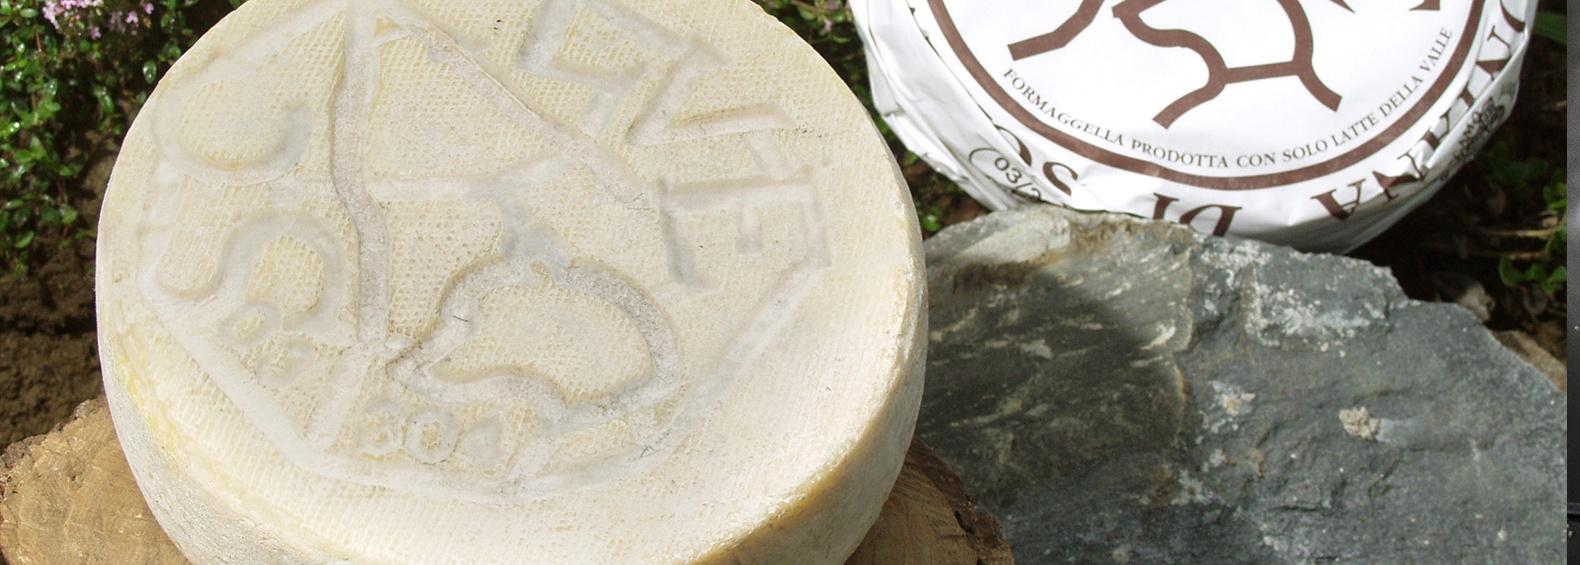 La formaggella della Val di Scalve • • Visit Bergamo